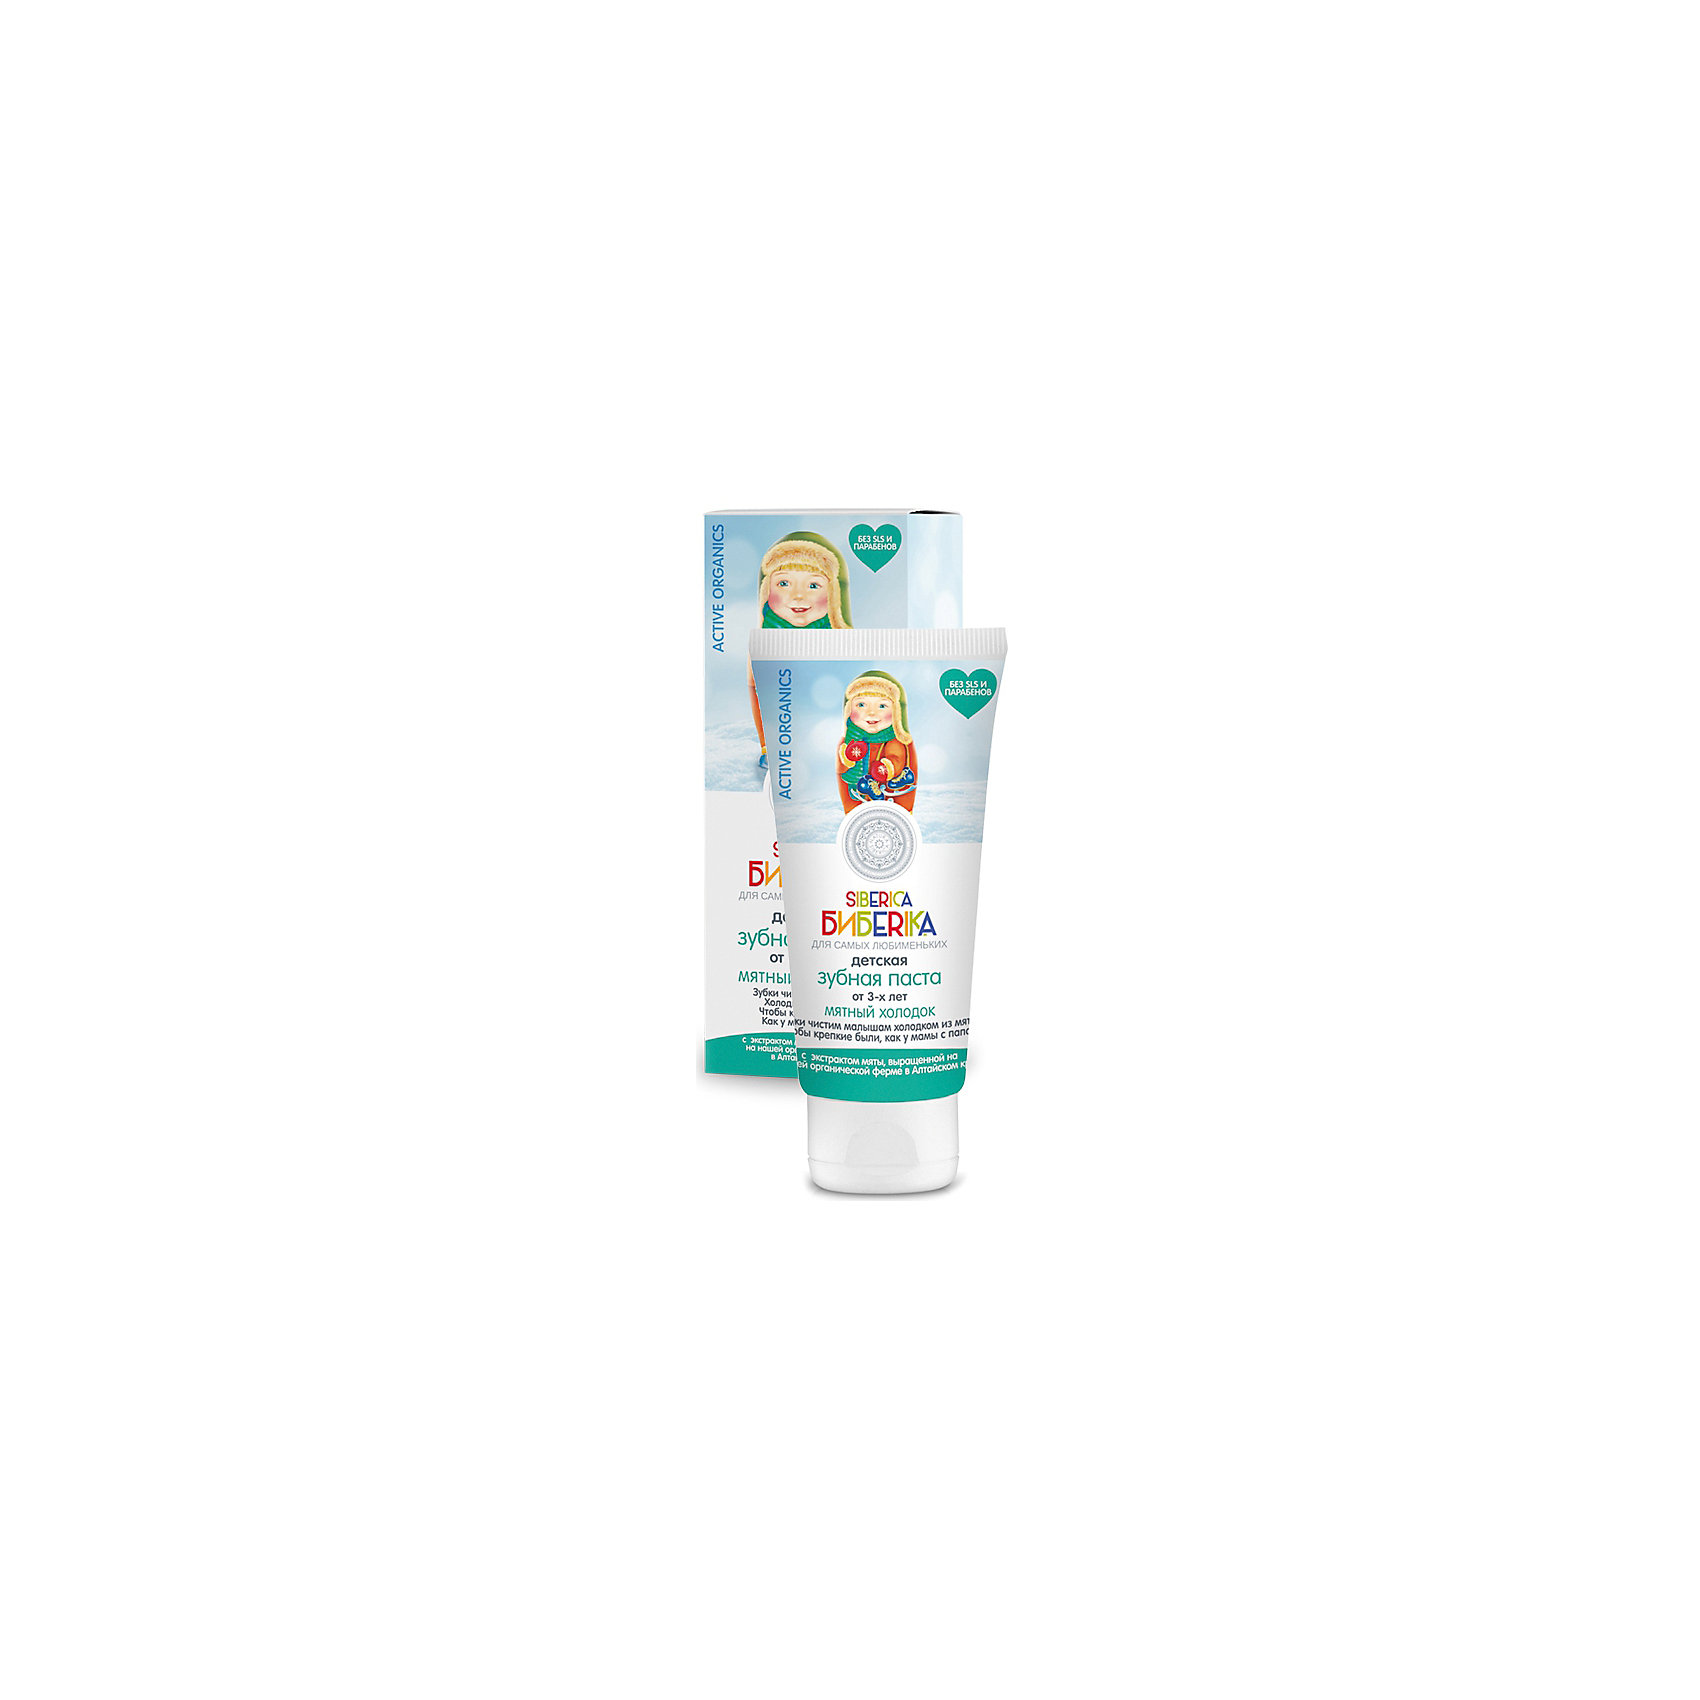 Паста зубная от 3-х лет Мятный холодок, 50 мл, Siberica БибеrikaДетская зубная паста с мягким мятным вкусом понравится Вашему малышу и поможет привить привычку регулярно чистить зубки. Благодаря специальной формуле она хорошо очищает, не повреждая структуру эмали, эффективно предотвращает возникновение кариеса. Натуральные компоненты, входящие в состав пасты, не наносят вреда организму ребенка при случайном проглатывании. Органический экстракт мяты обеспечивает надежную профилактику болезней полости рта и освежает дыхание. Органический экстракт сибирской рябины предупреждает развитие кариеса и образование зубного камня. Органическое масло пихты оказывает противовоспалительное действие и укрепляет зубную эмаль.<br><br>Ширина мм: 57<br>Глубина мм: 37<br>Высота мм: 145<br>Вес г: 84<br>Возраст от месяцев: -2147483648<br>Возраст до месяцев: 2147483647<br>Пол: Унисекс<br>Возраст: Детский<br>SKU: 4796715